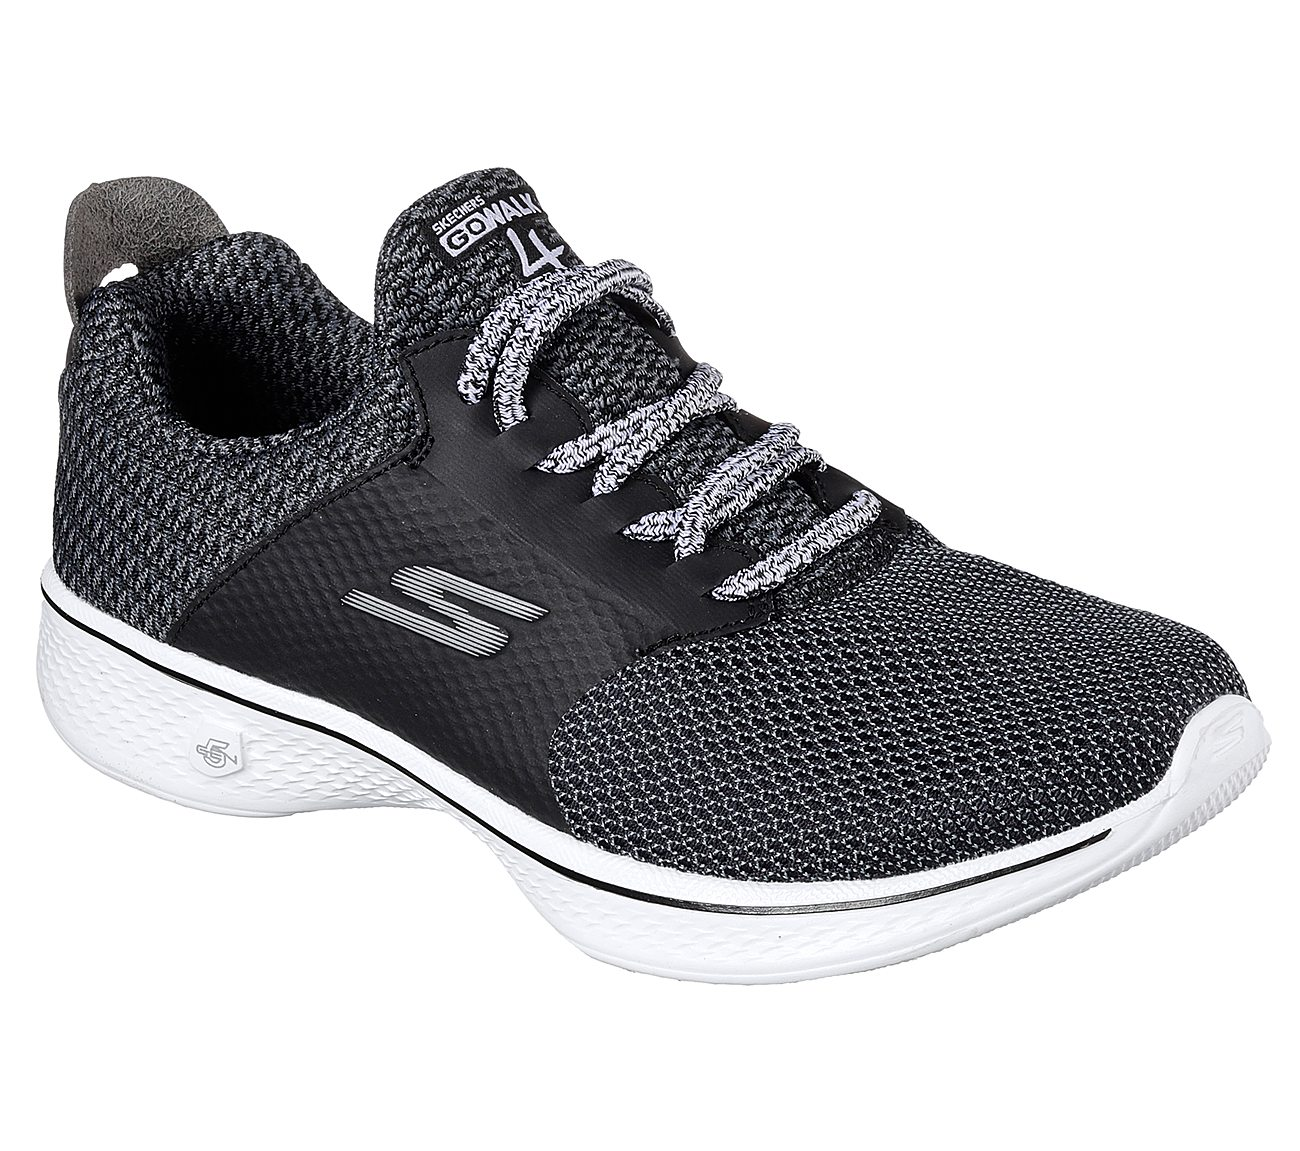 25d7a60025 Buy SKECHERS Skechers GOwalk 4 - Sustain Skechers Performance Shoes ...